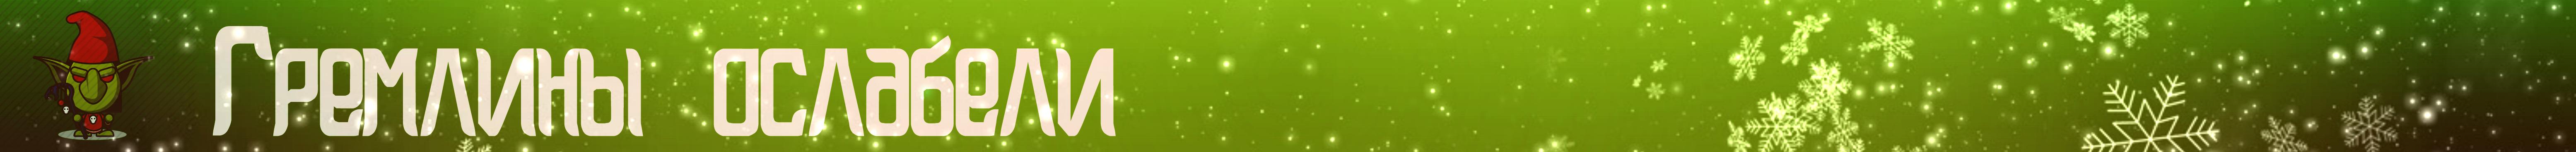 http://images.vfl.ru/ii/1515153933/3c69c5dc/20027787.jpg